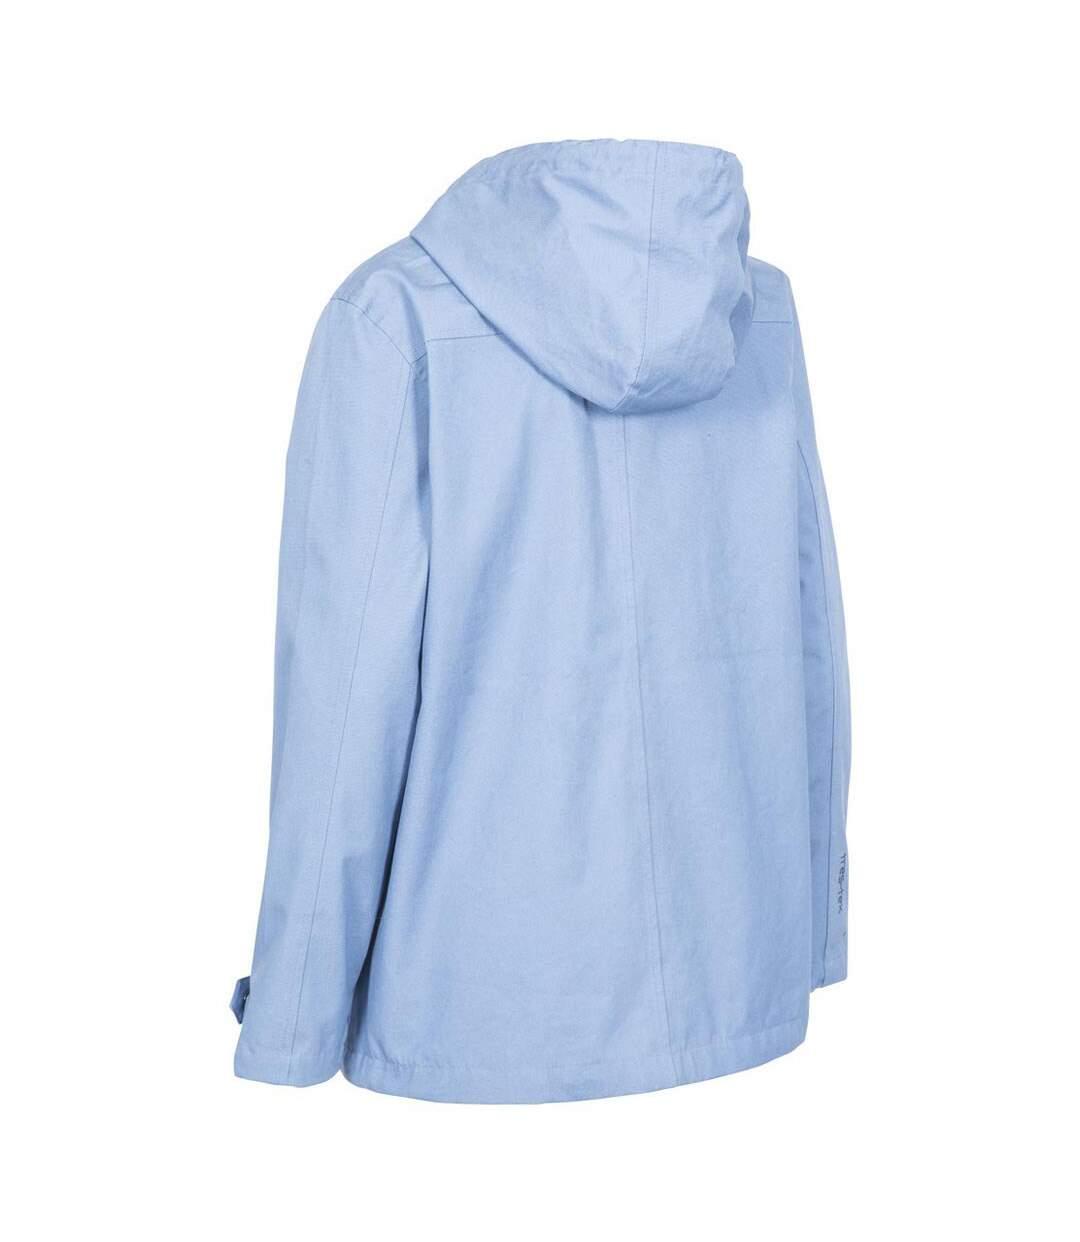 Trespass Womens/Ladies Seawater Waterproof Jacket (Denim Blue) - UTTP3314